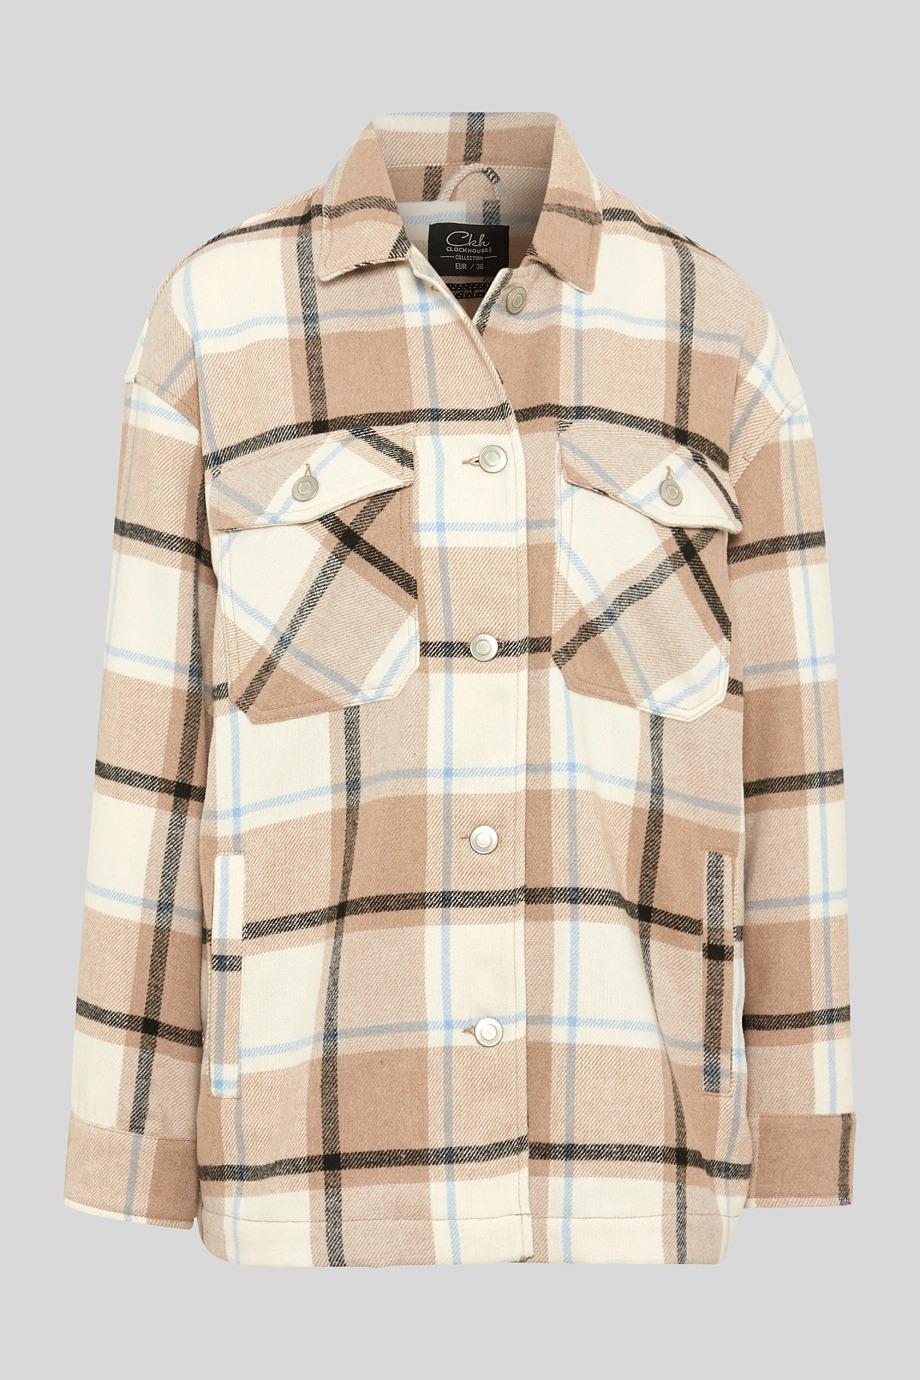 La chaqueta de cuadros de Clockhouse en estilo de franela da ganas de lucir looks de otoño informales.